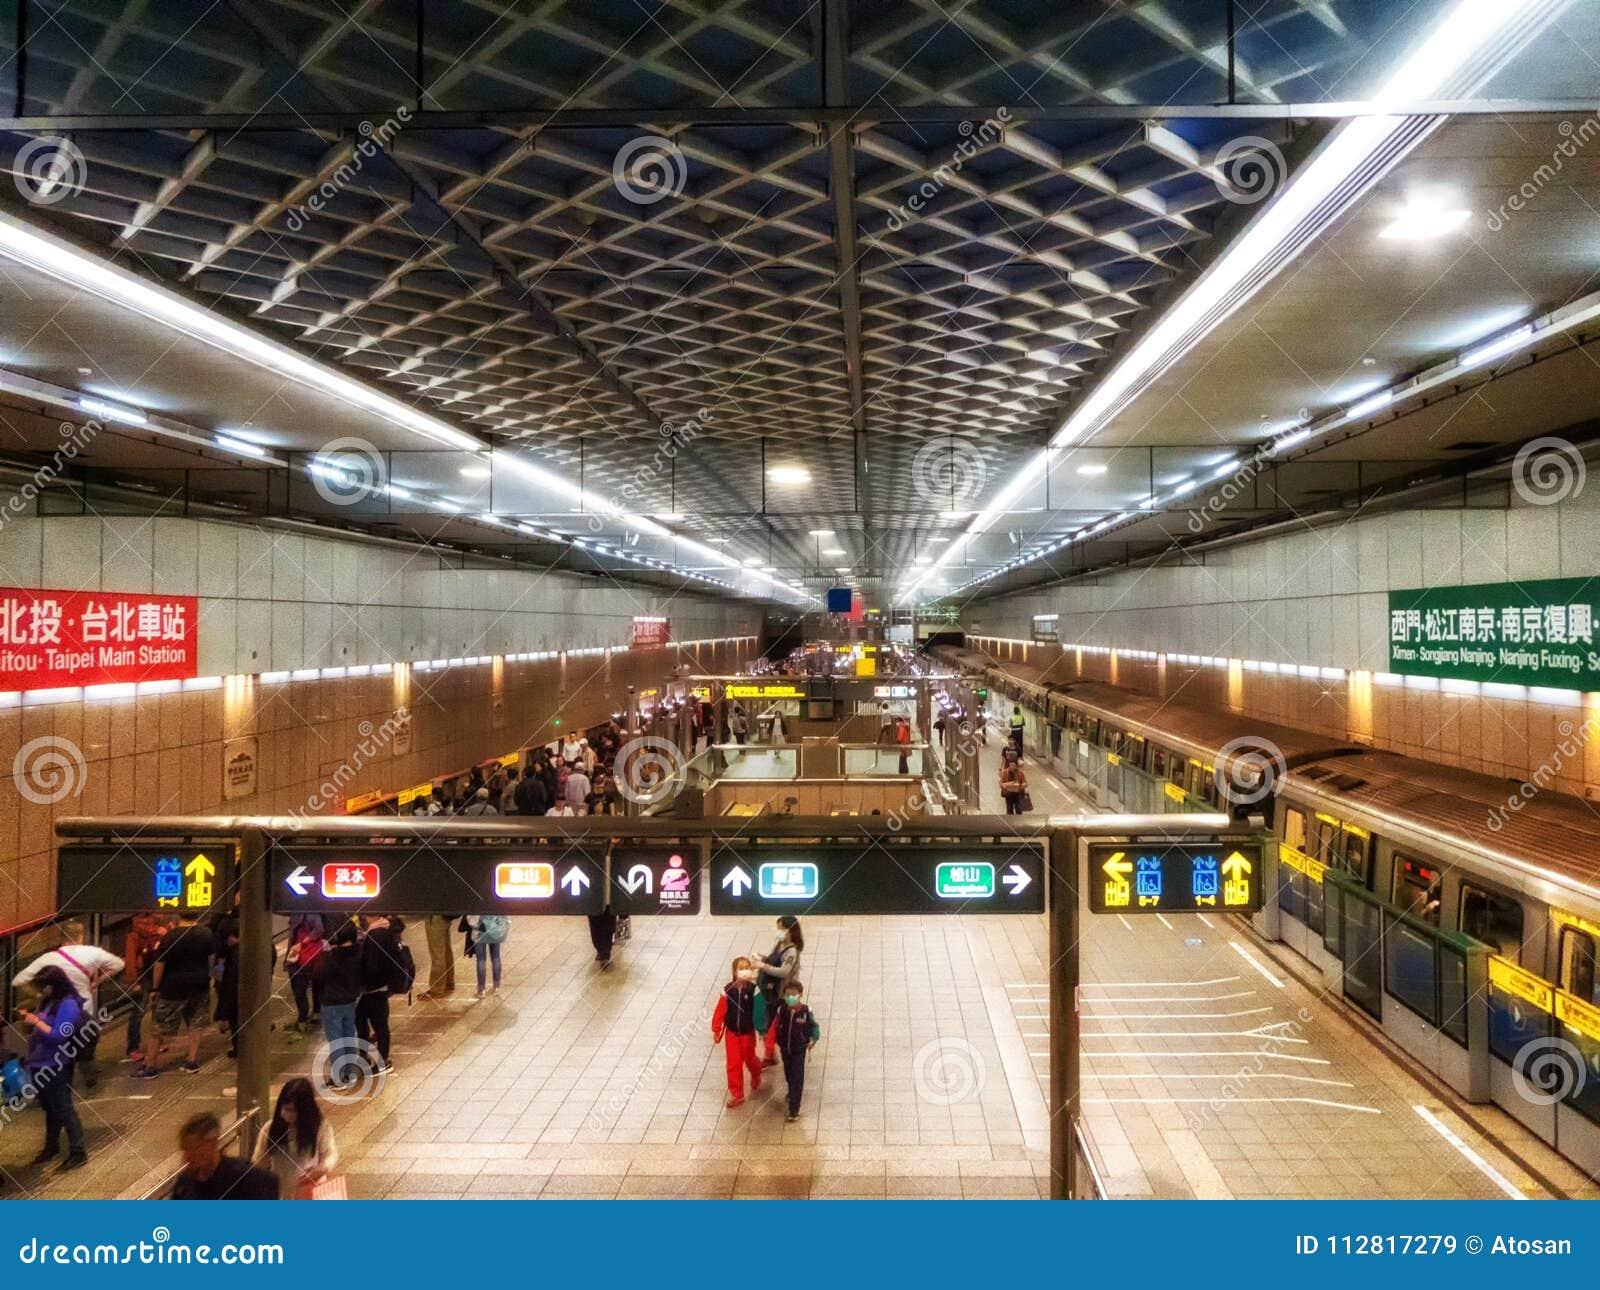 Taipei Subway Underground Metro Station Taiwan Editorial